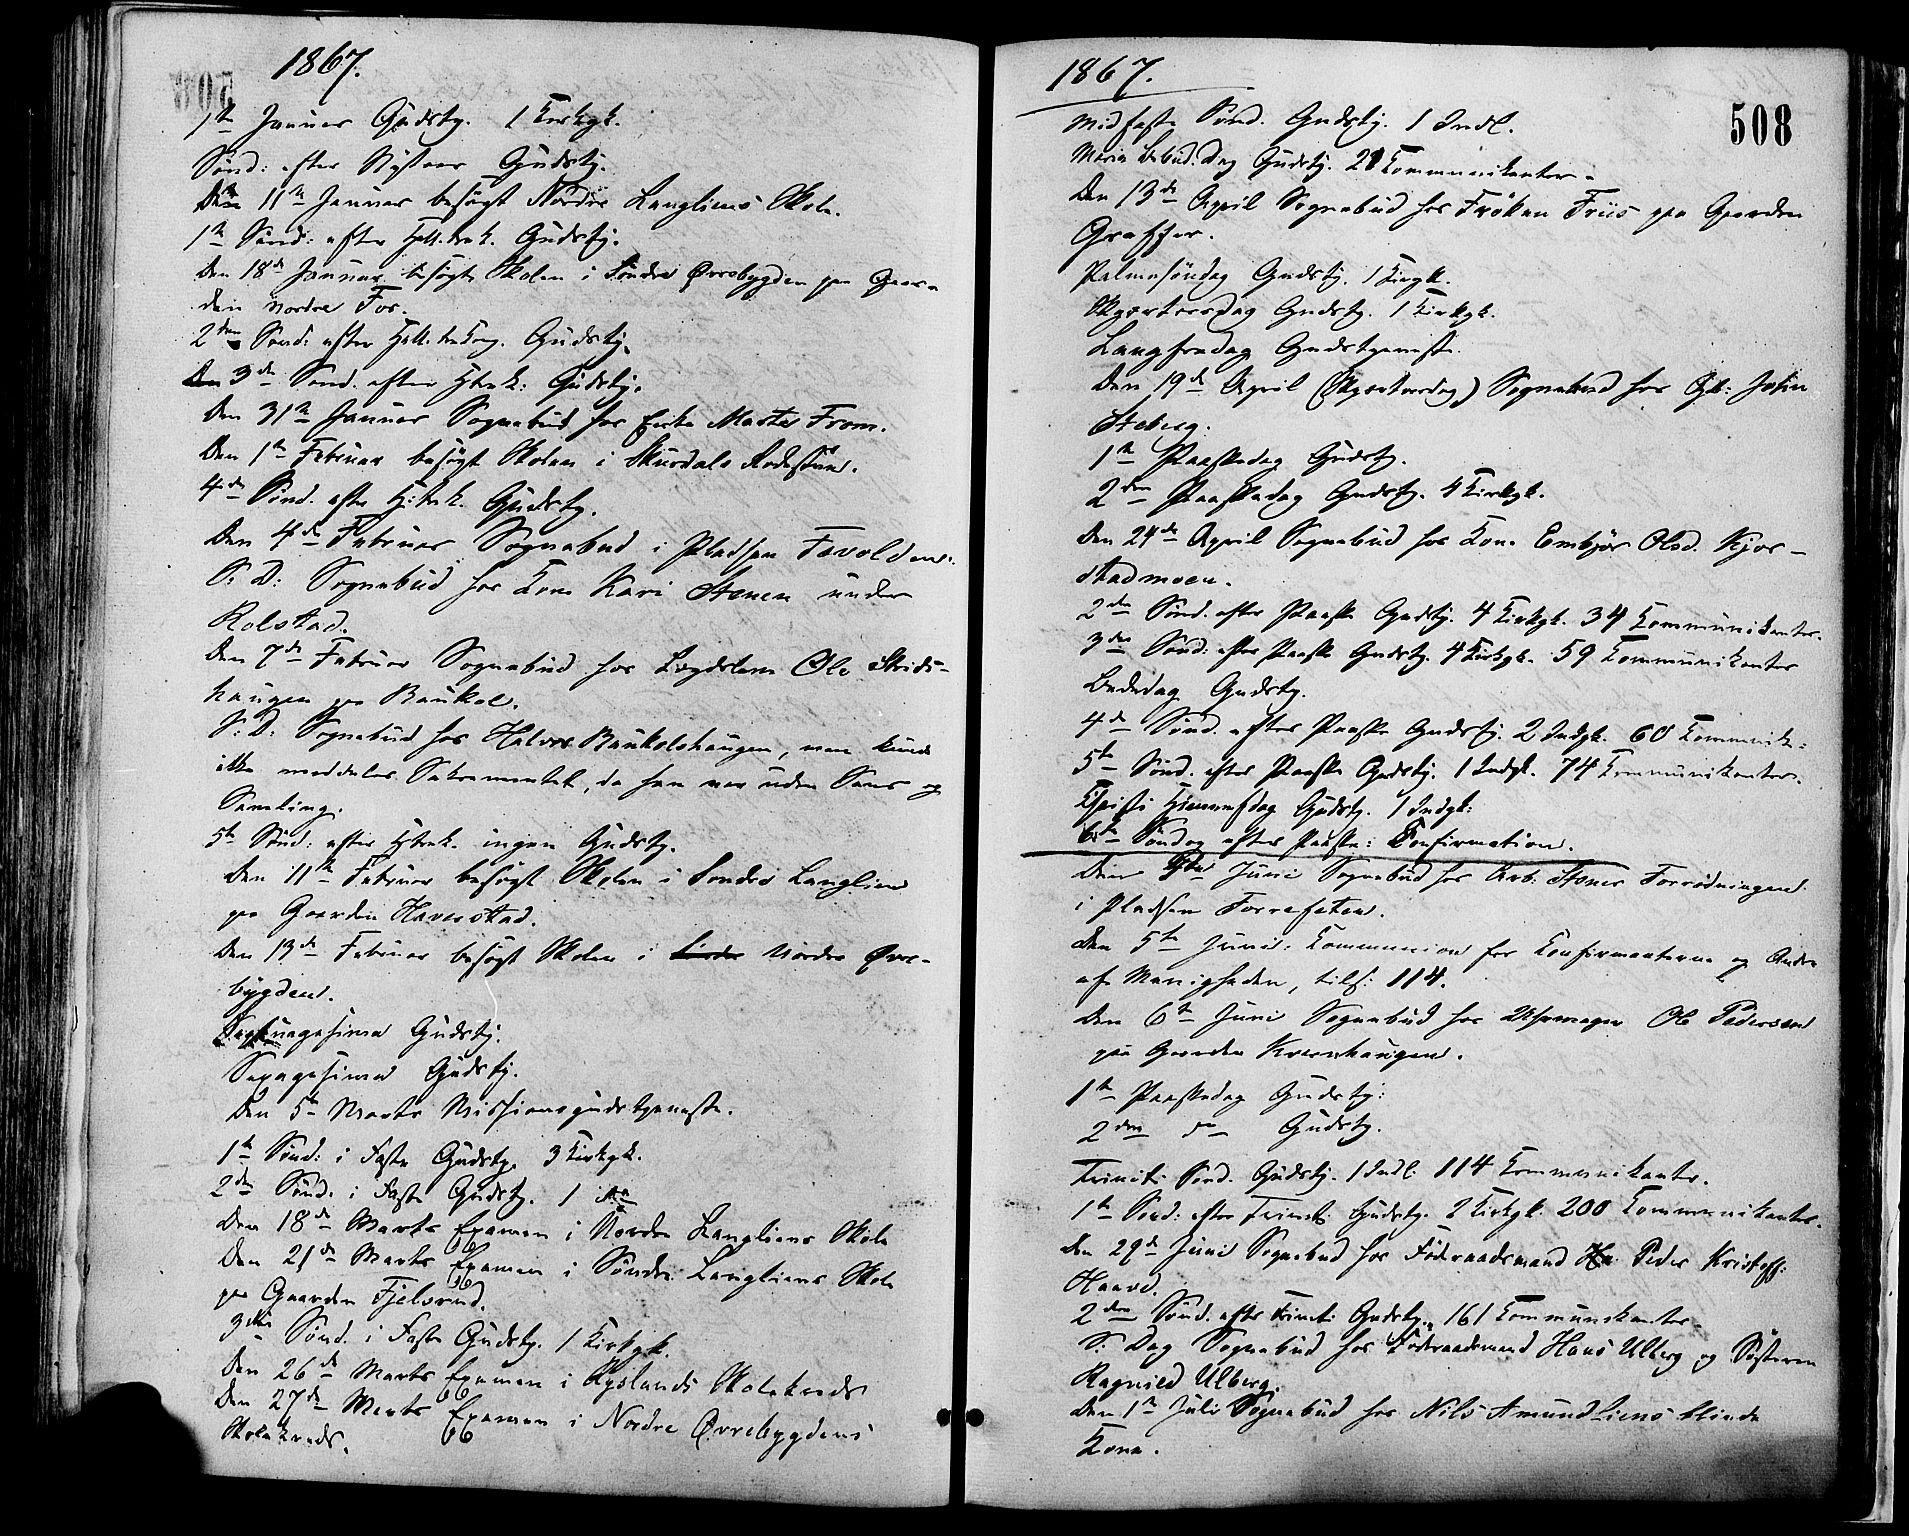 SAH, Sør-Fron prestekontor, H/Ha/Haa/L0002: Ministerialbok nr. 2, 1864-1880, s. 508